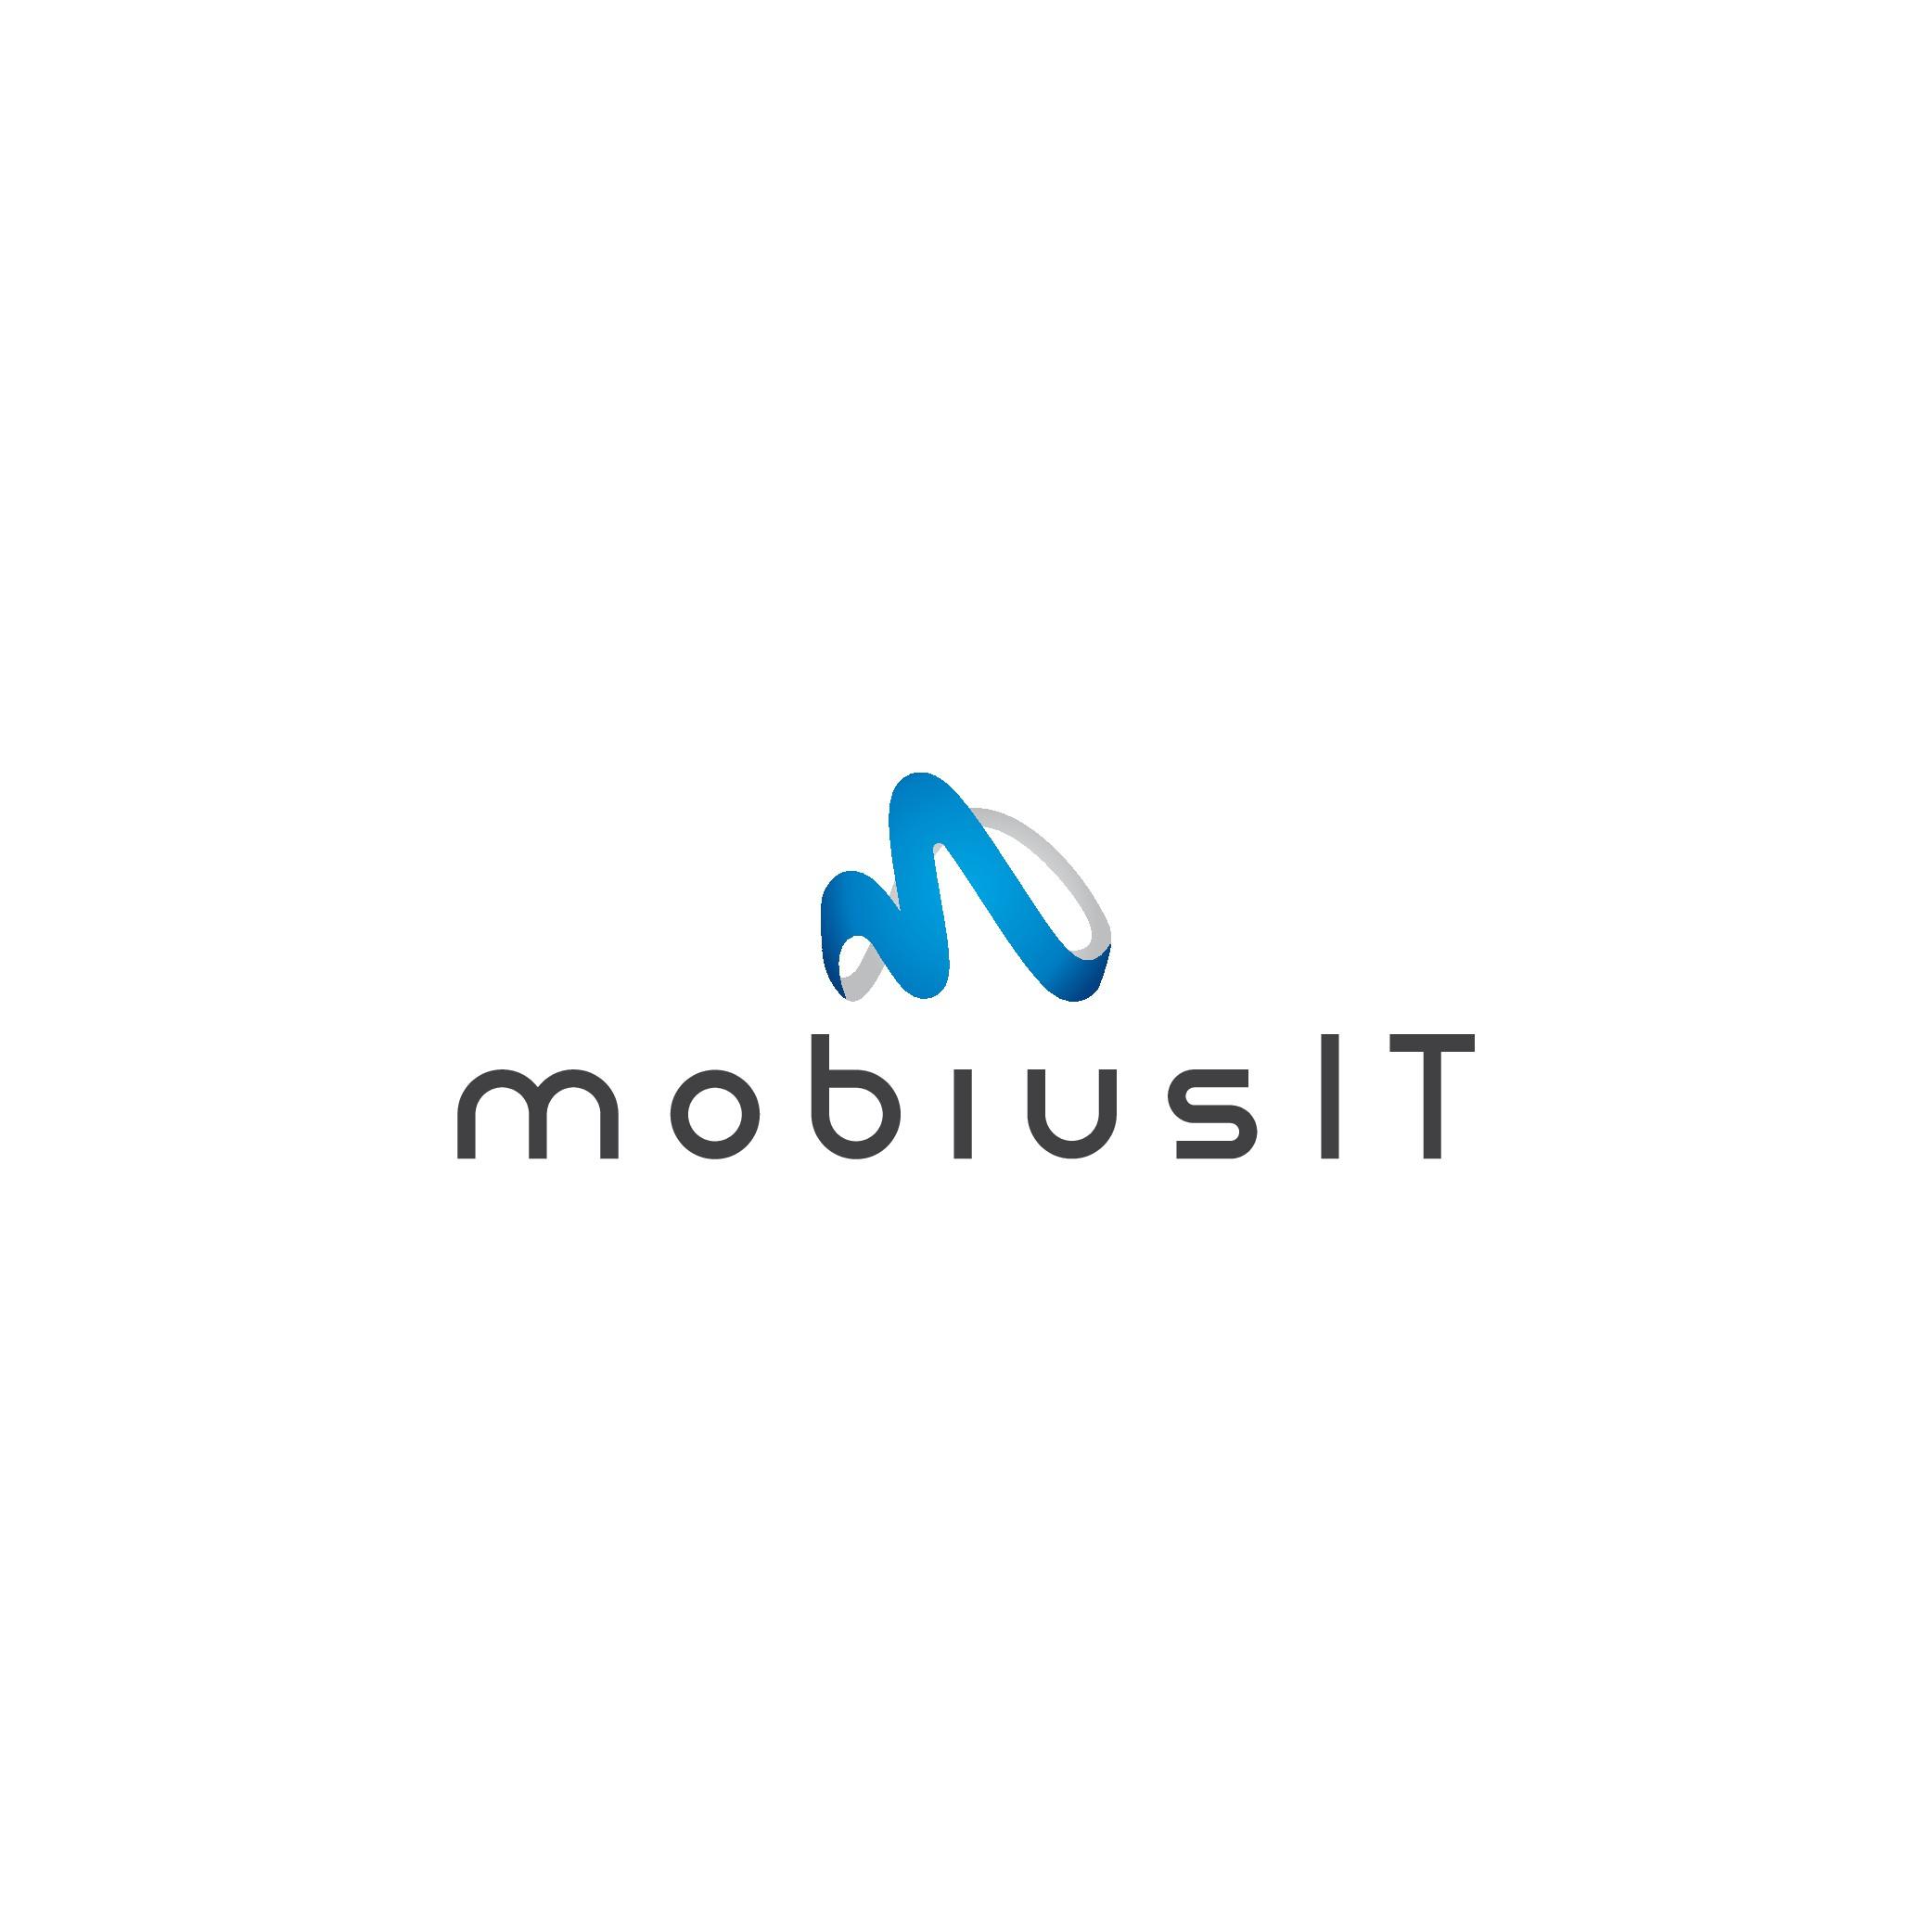 IT service partner primarily for medical practices, Webhosting, Email-Hosting